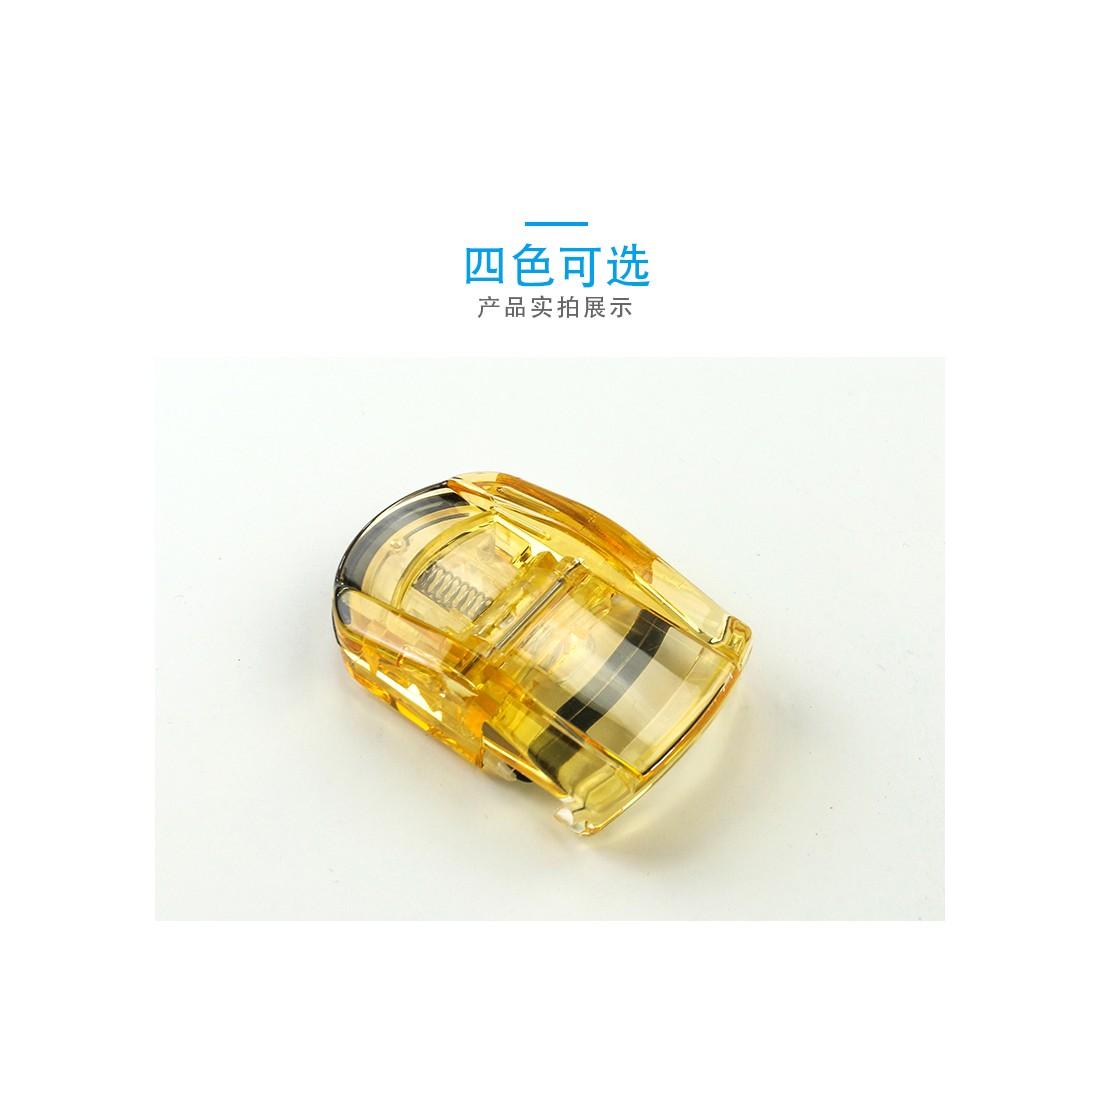 Uốn mi cong thân nhựa KAI (màu vàng)-Thế giới đồ gia dụng HMD